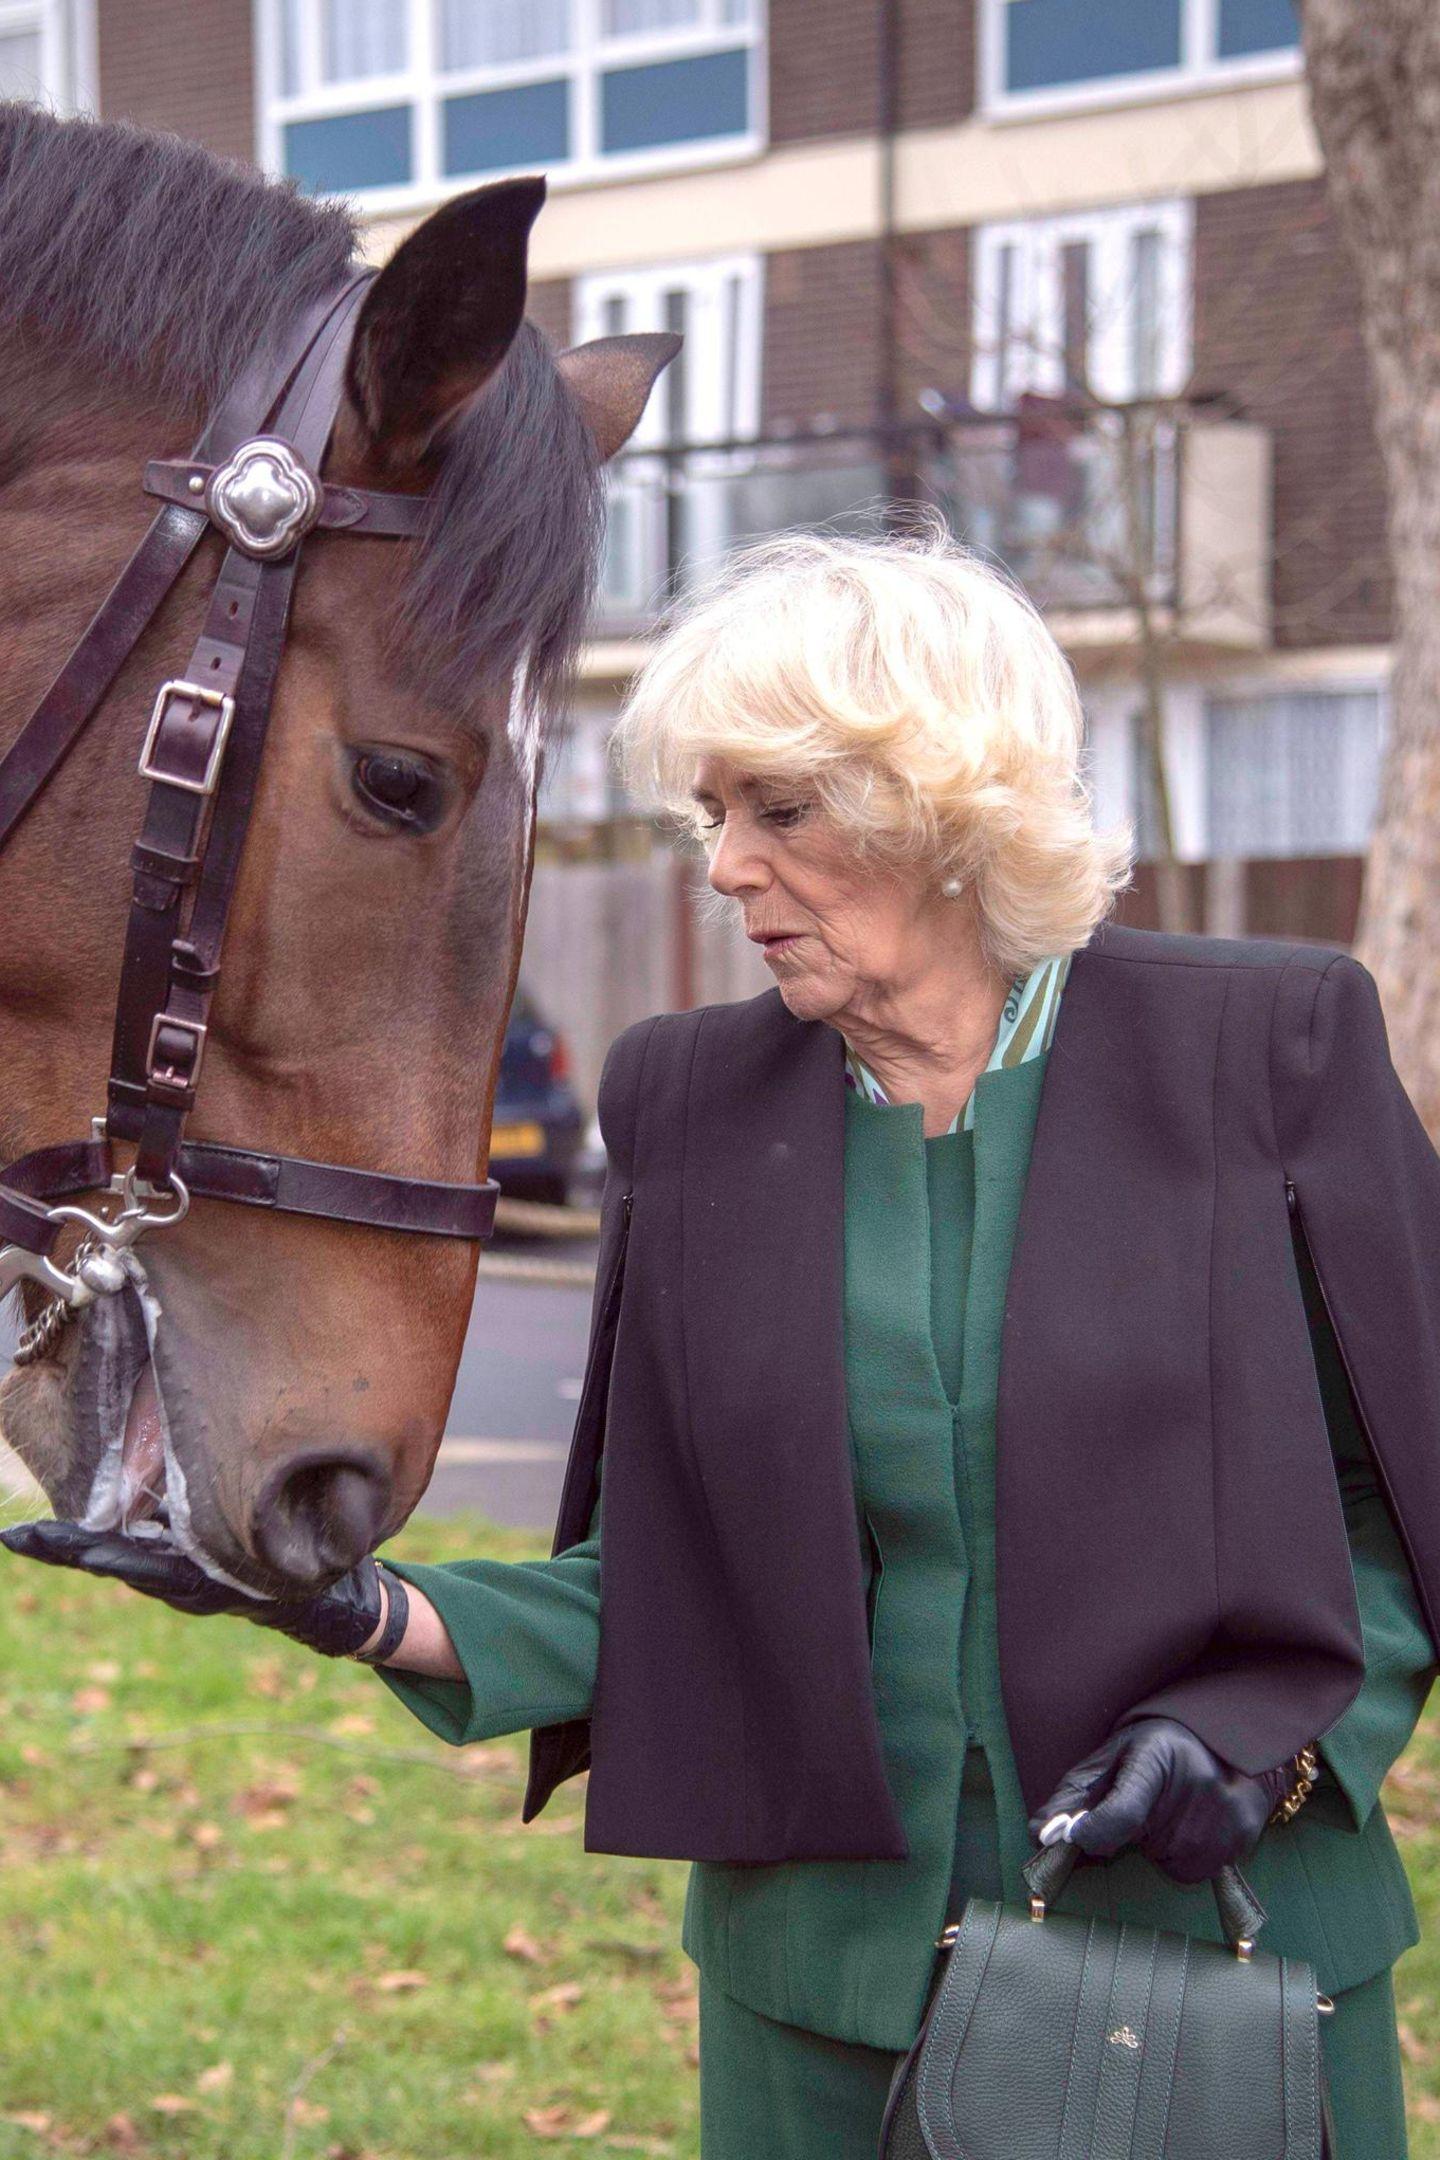 Camilla legt das gute Stück, das für 375 Euro zu haben ist, auch nicht ab, als sie ein Pferd füttert. Ob sie die Tasche besonders gut beaufsichtigen muss?